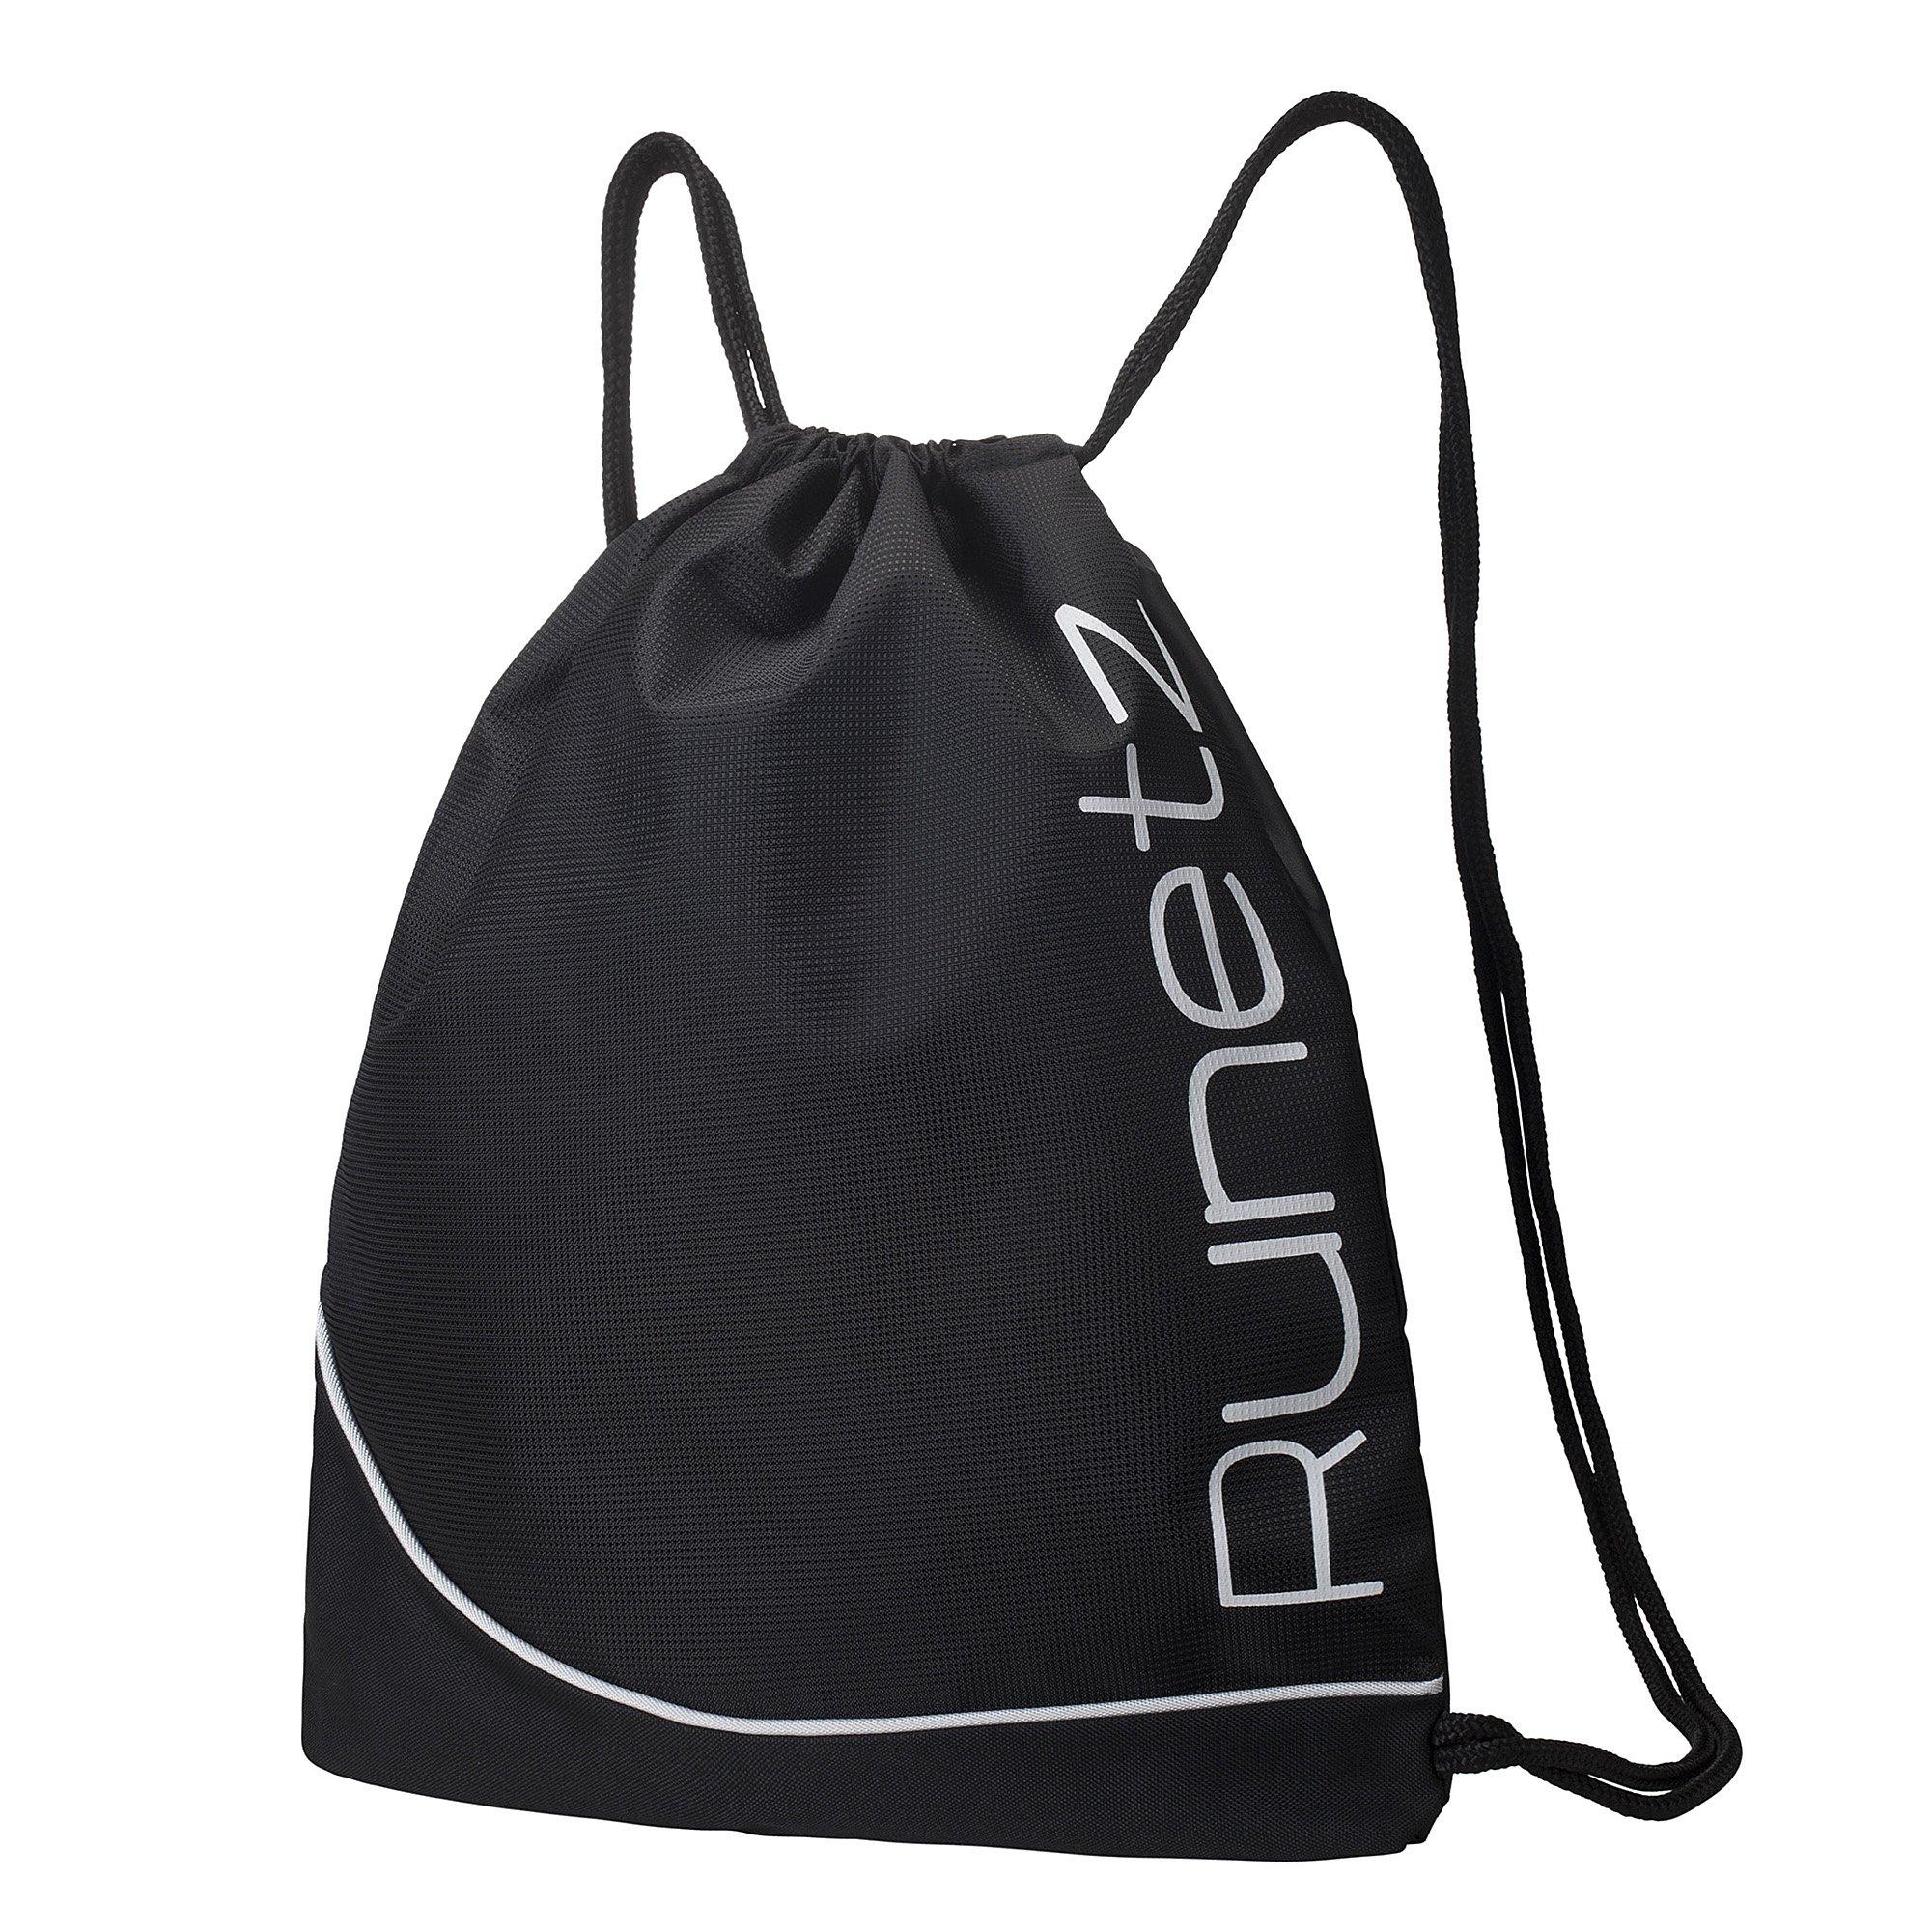 Runetz - BLACK Gym Sack Bag Drawstring Backpack Sport Bag for Men & Women Sackpack - Black